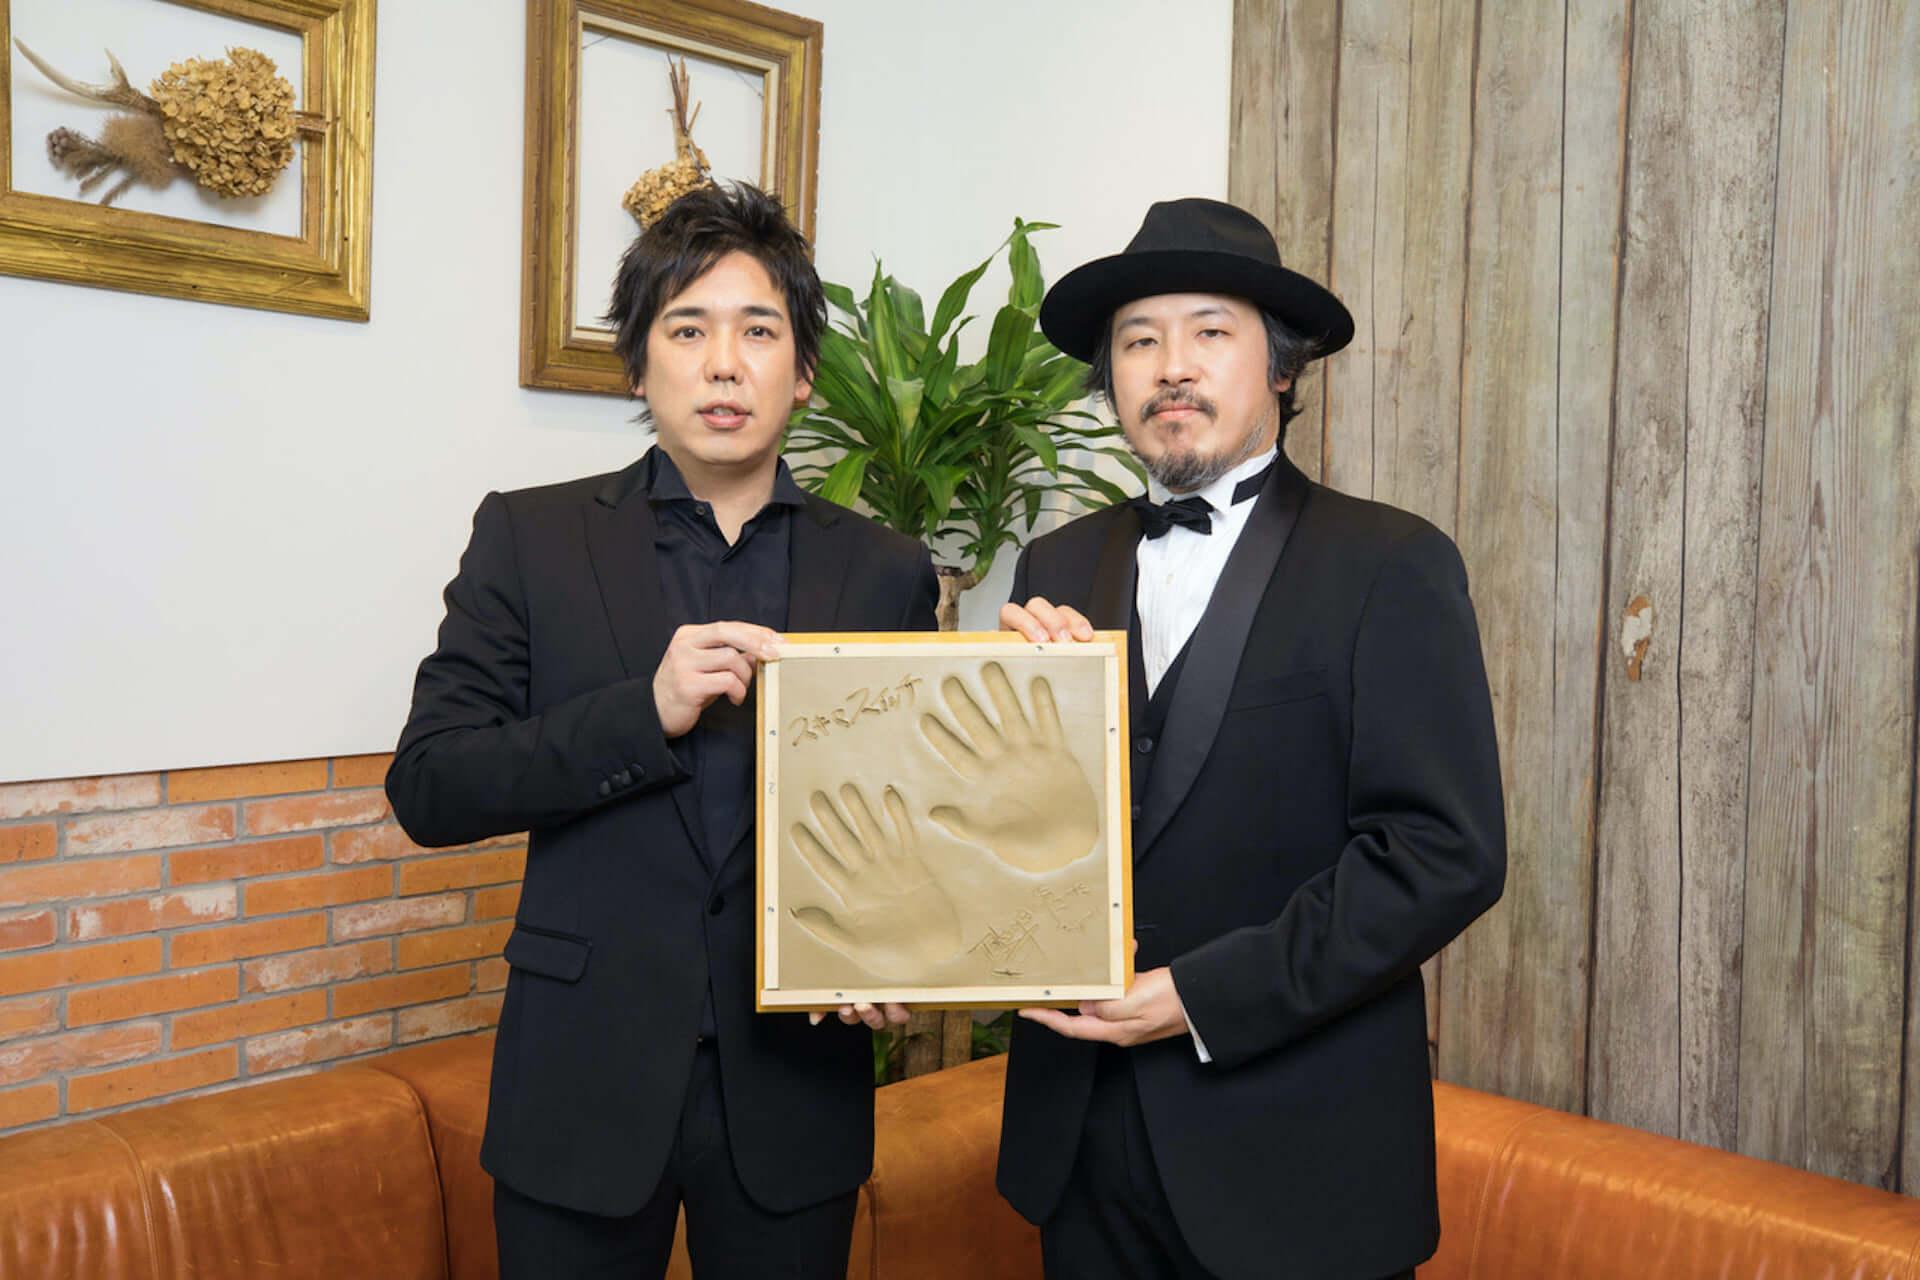 スキマスイッチ「奏(かなで)」が「NexTone Award 2020」Gold Medalを受賞!RADWIMPSとMONGOL800の作品も選出 music200410_nextone_award_5-1920x1280